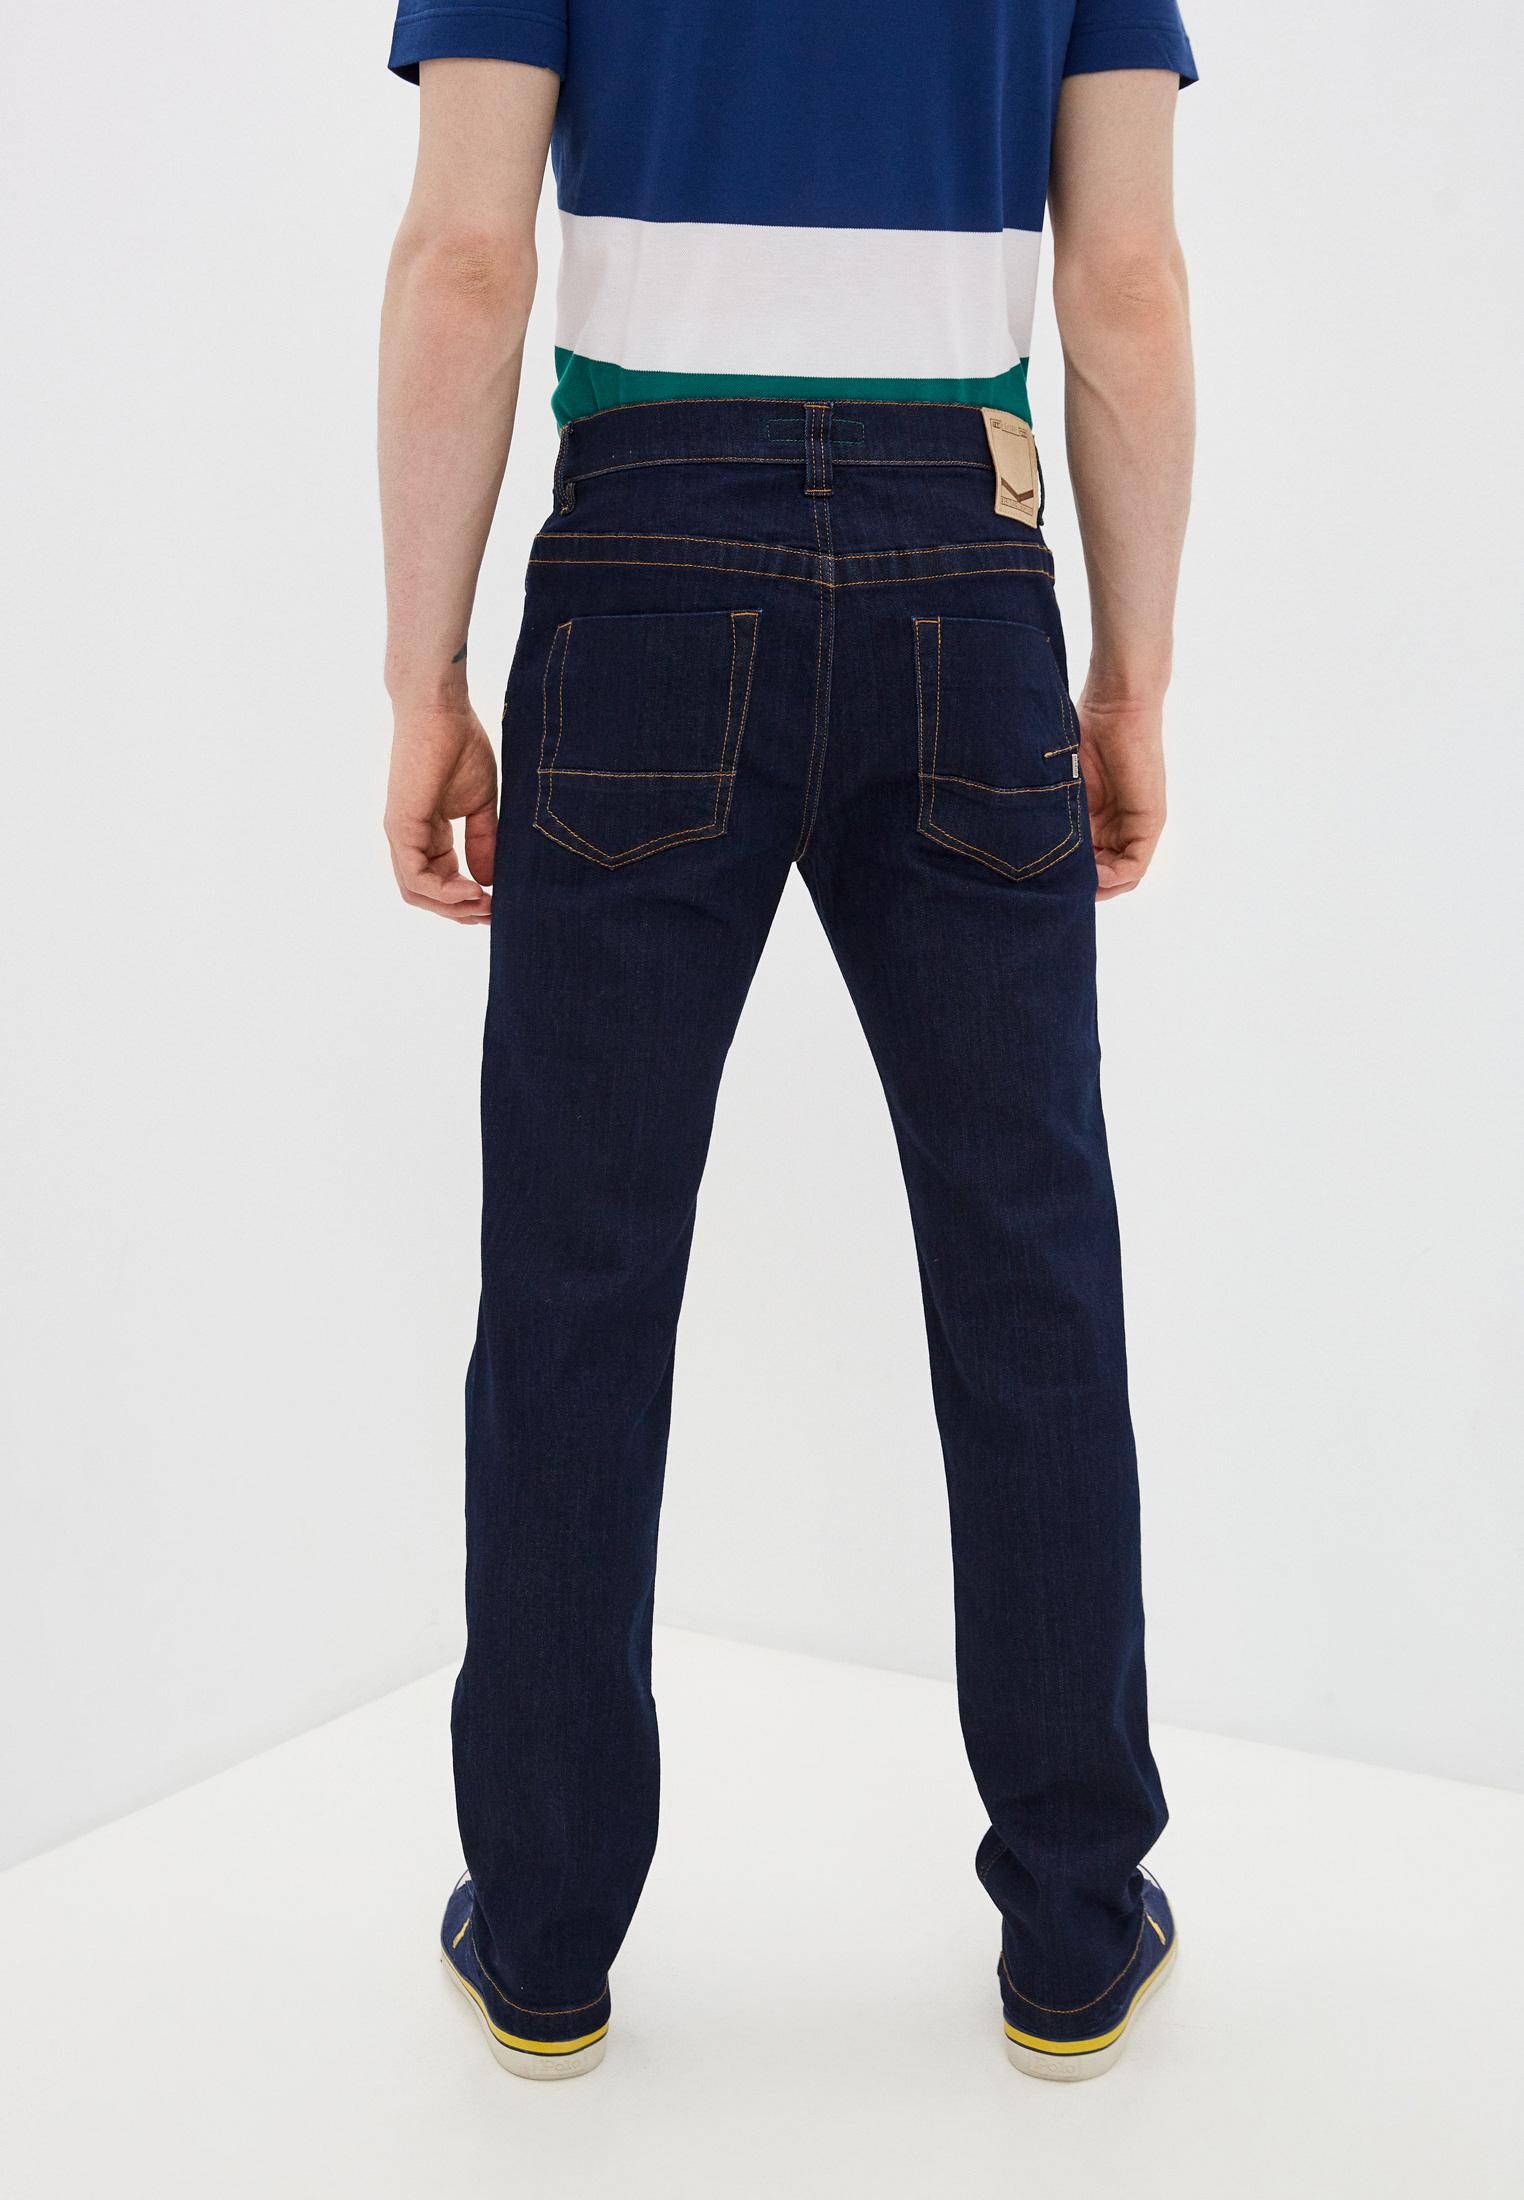 Мужские прямые джинсы Bikkembergs (Биккембергс) C Q 102 00 S 3181: изображение 4